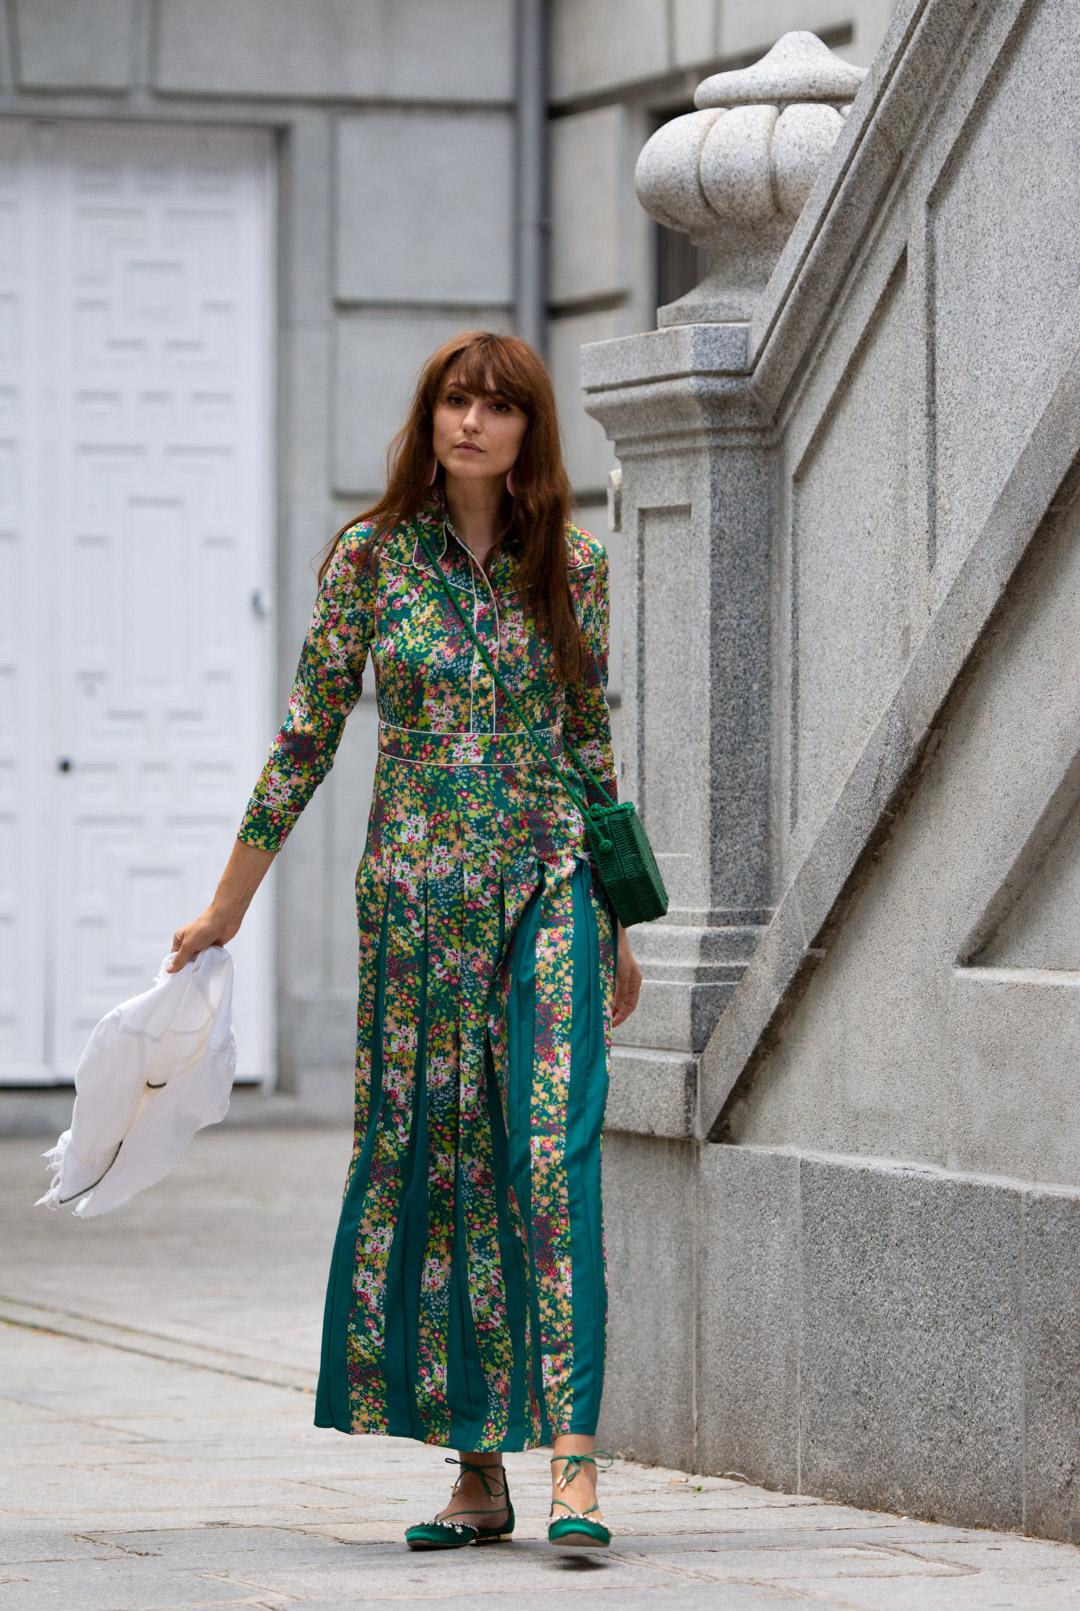 vestido-verde-street-style-mayte-de-la-iglesia-web-05